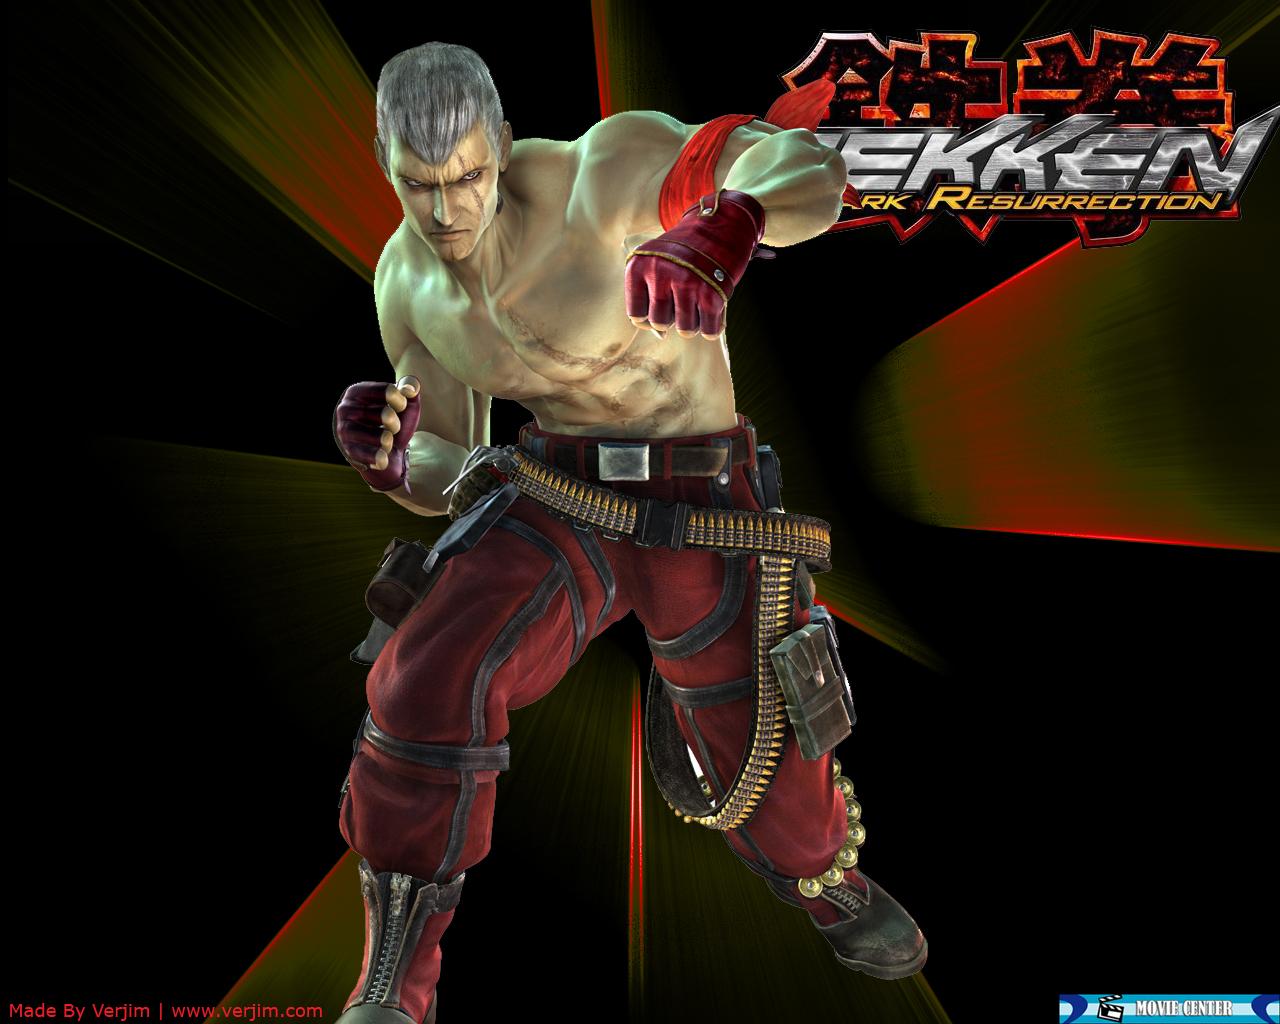 Free Download Wallpaper Of The Day Tekken 5 Tekken 5